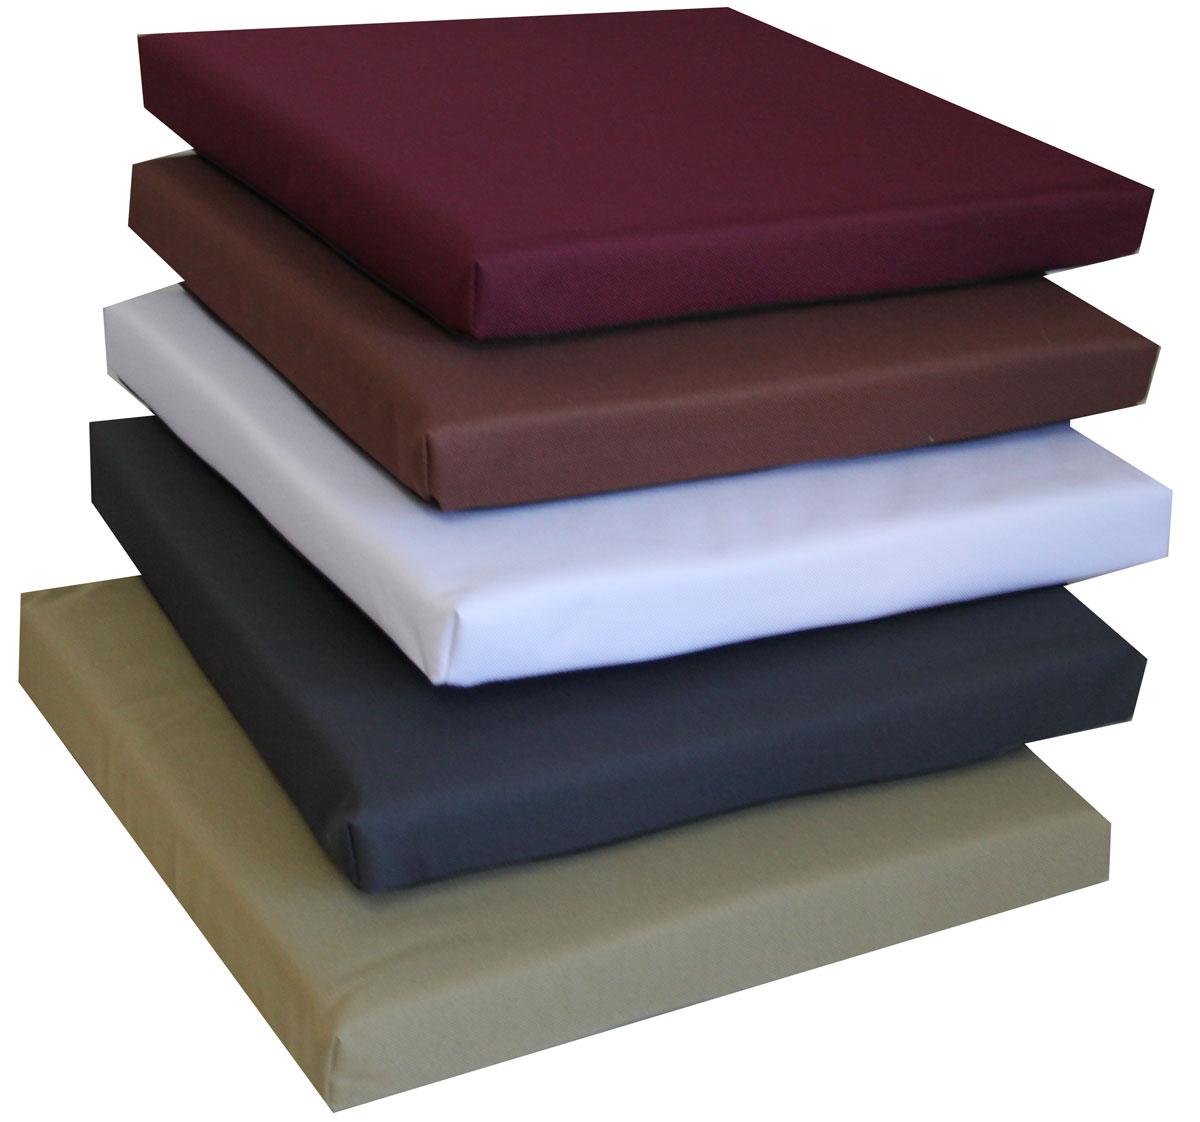 sitzkissen stuhlkissen stuhlpolster sitzpolster sitzauflage bankauflage ebay. Black Bedroom Furniture Sets. Home Design Ideas